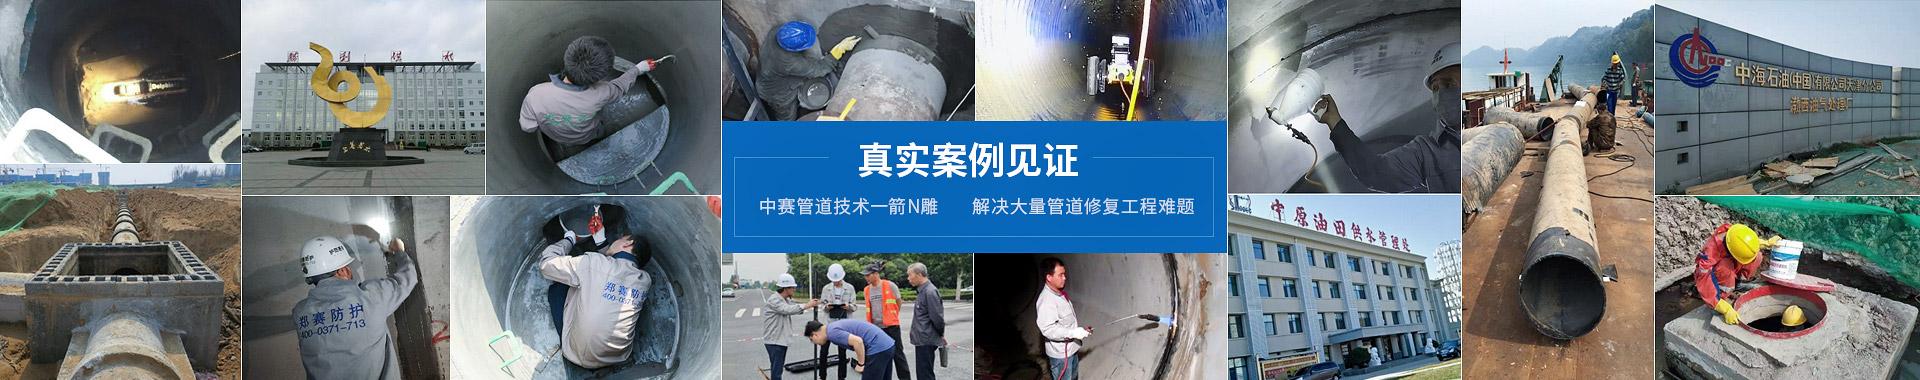 地下污水管修复